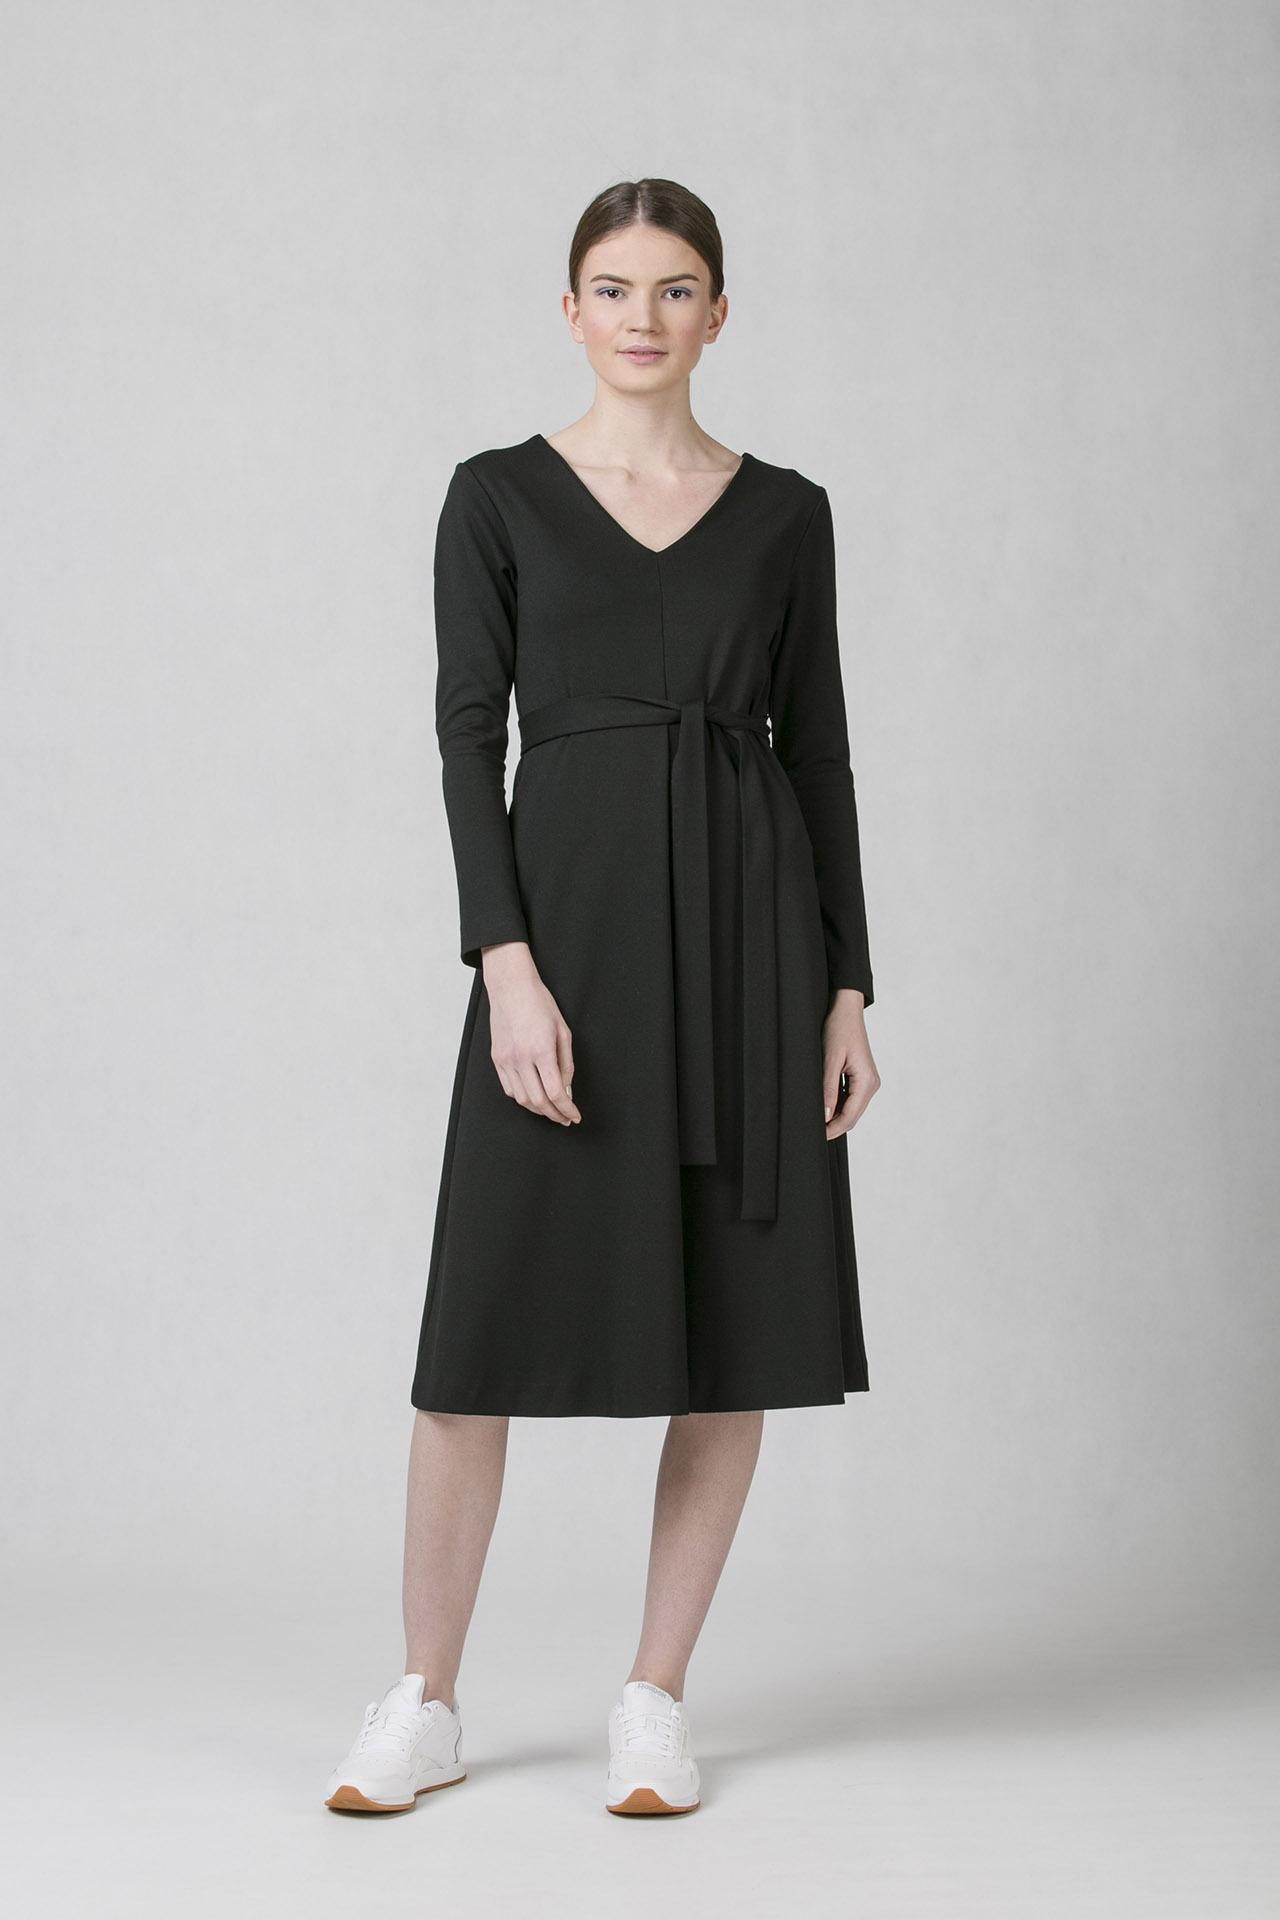 Společenské šaty s áčkovou sukní Oneday v midi délce f4e4a69aad